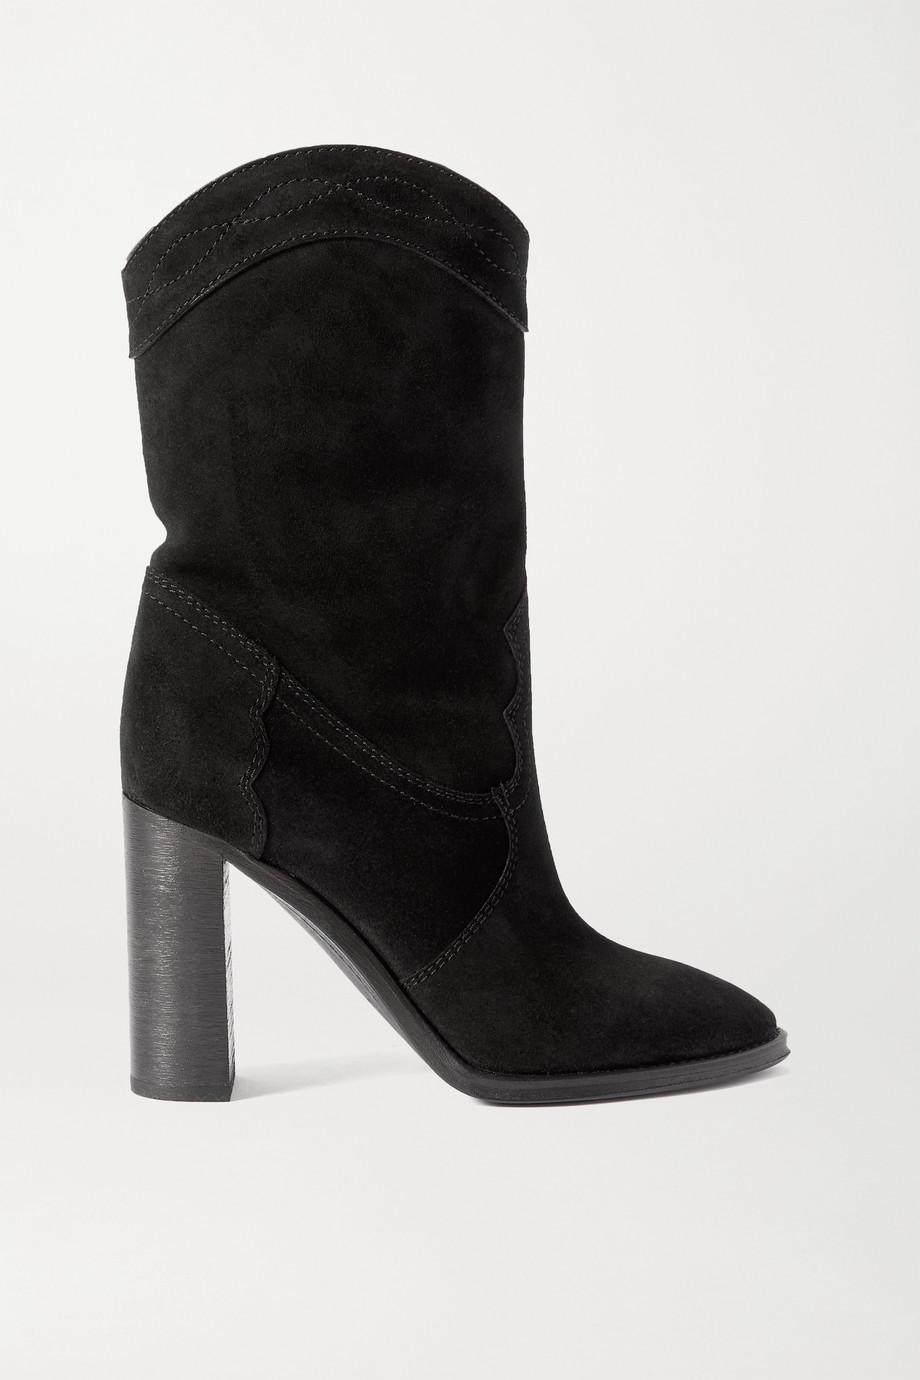 SAINT LAURENT Kate suede ankle boots